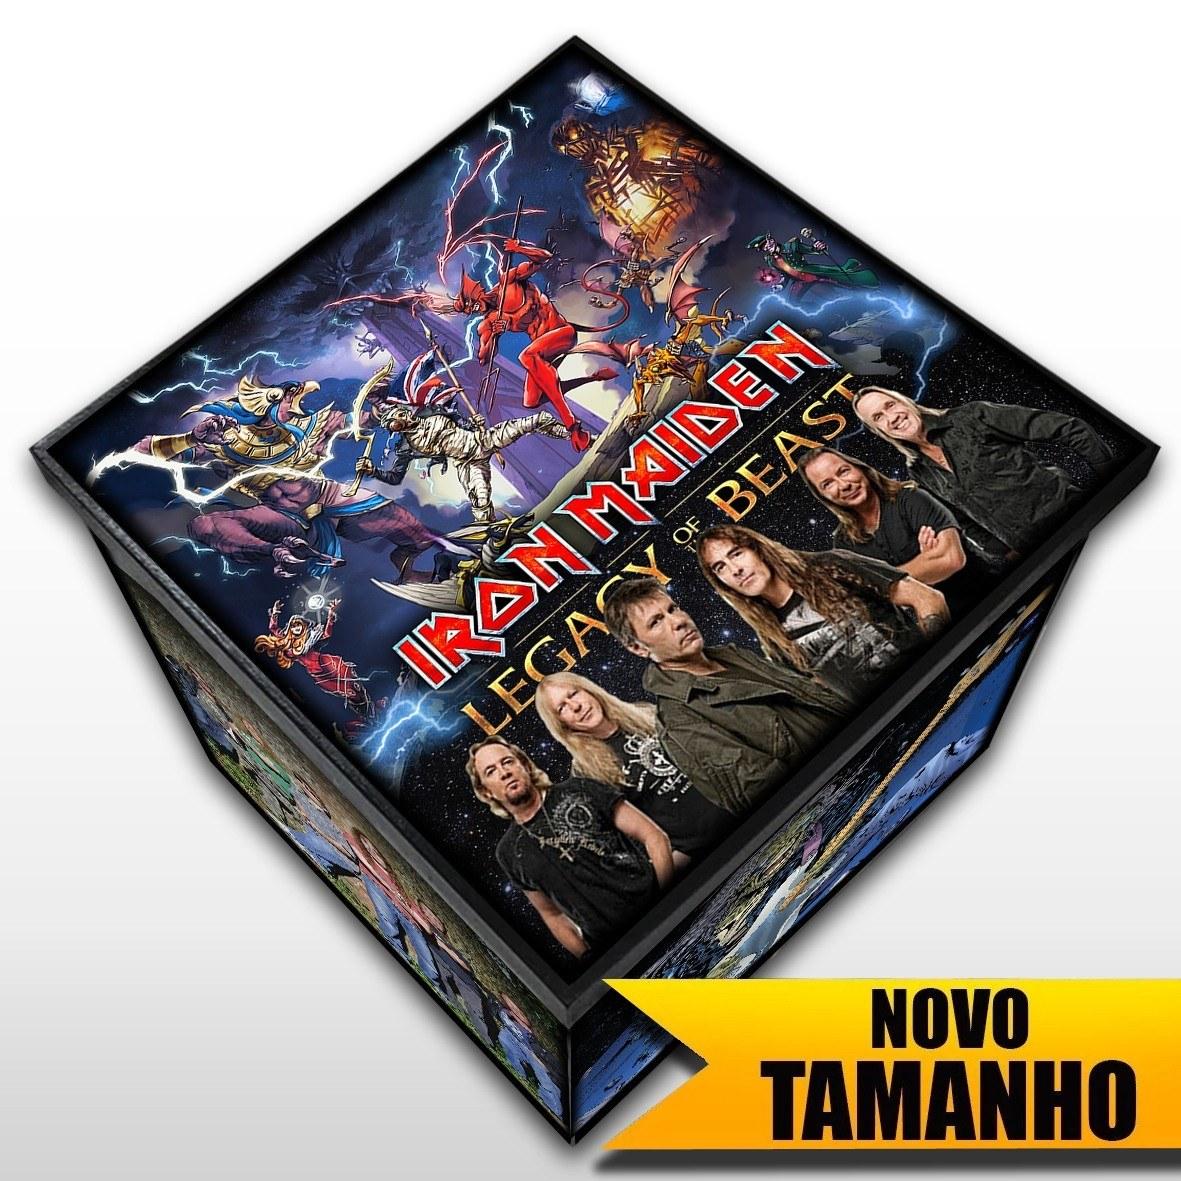 Iron Maiden - Caixa Organizadora em Madeira MDF - Tamanho Grande - Mr. Rock